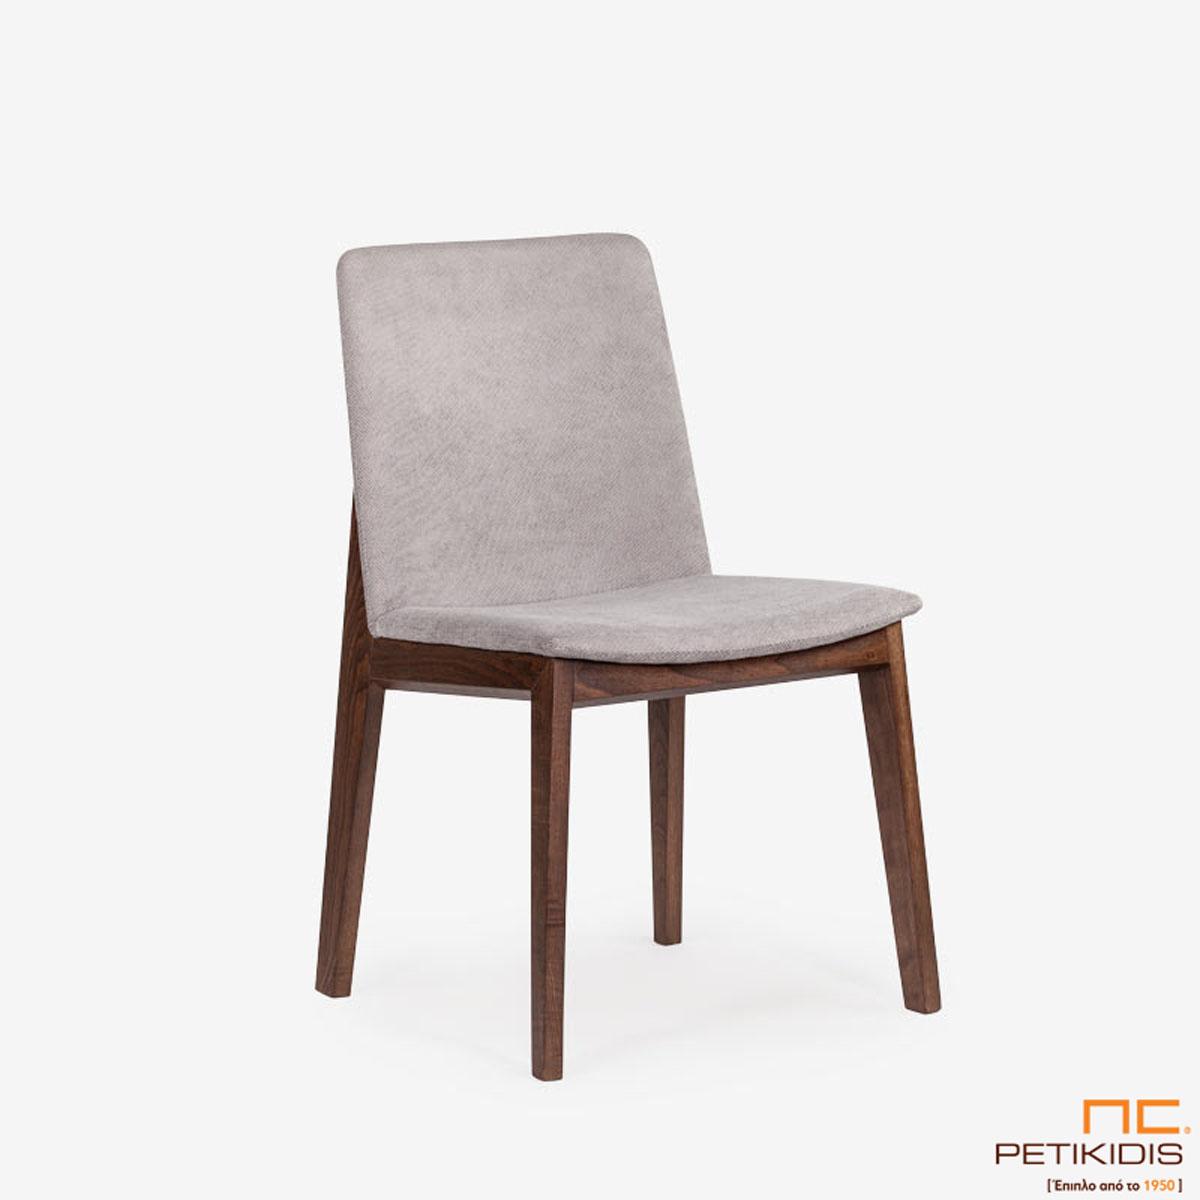 Καρέκλα Talia με ξύλινη βάση και ιδιαίτερη ξύλινη λεπτομέρεια στην πλάτη.Το ύφασμα είναι αδιάβροχο και αλέκιαστο σε γκρι τόνους.